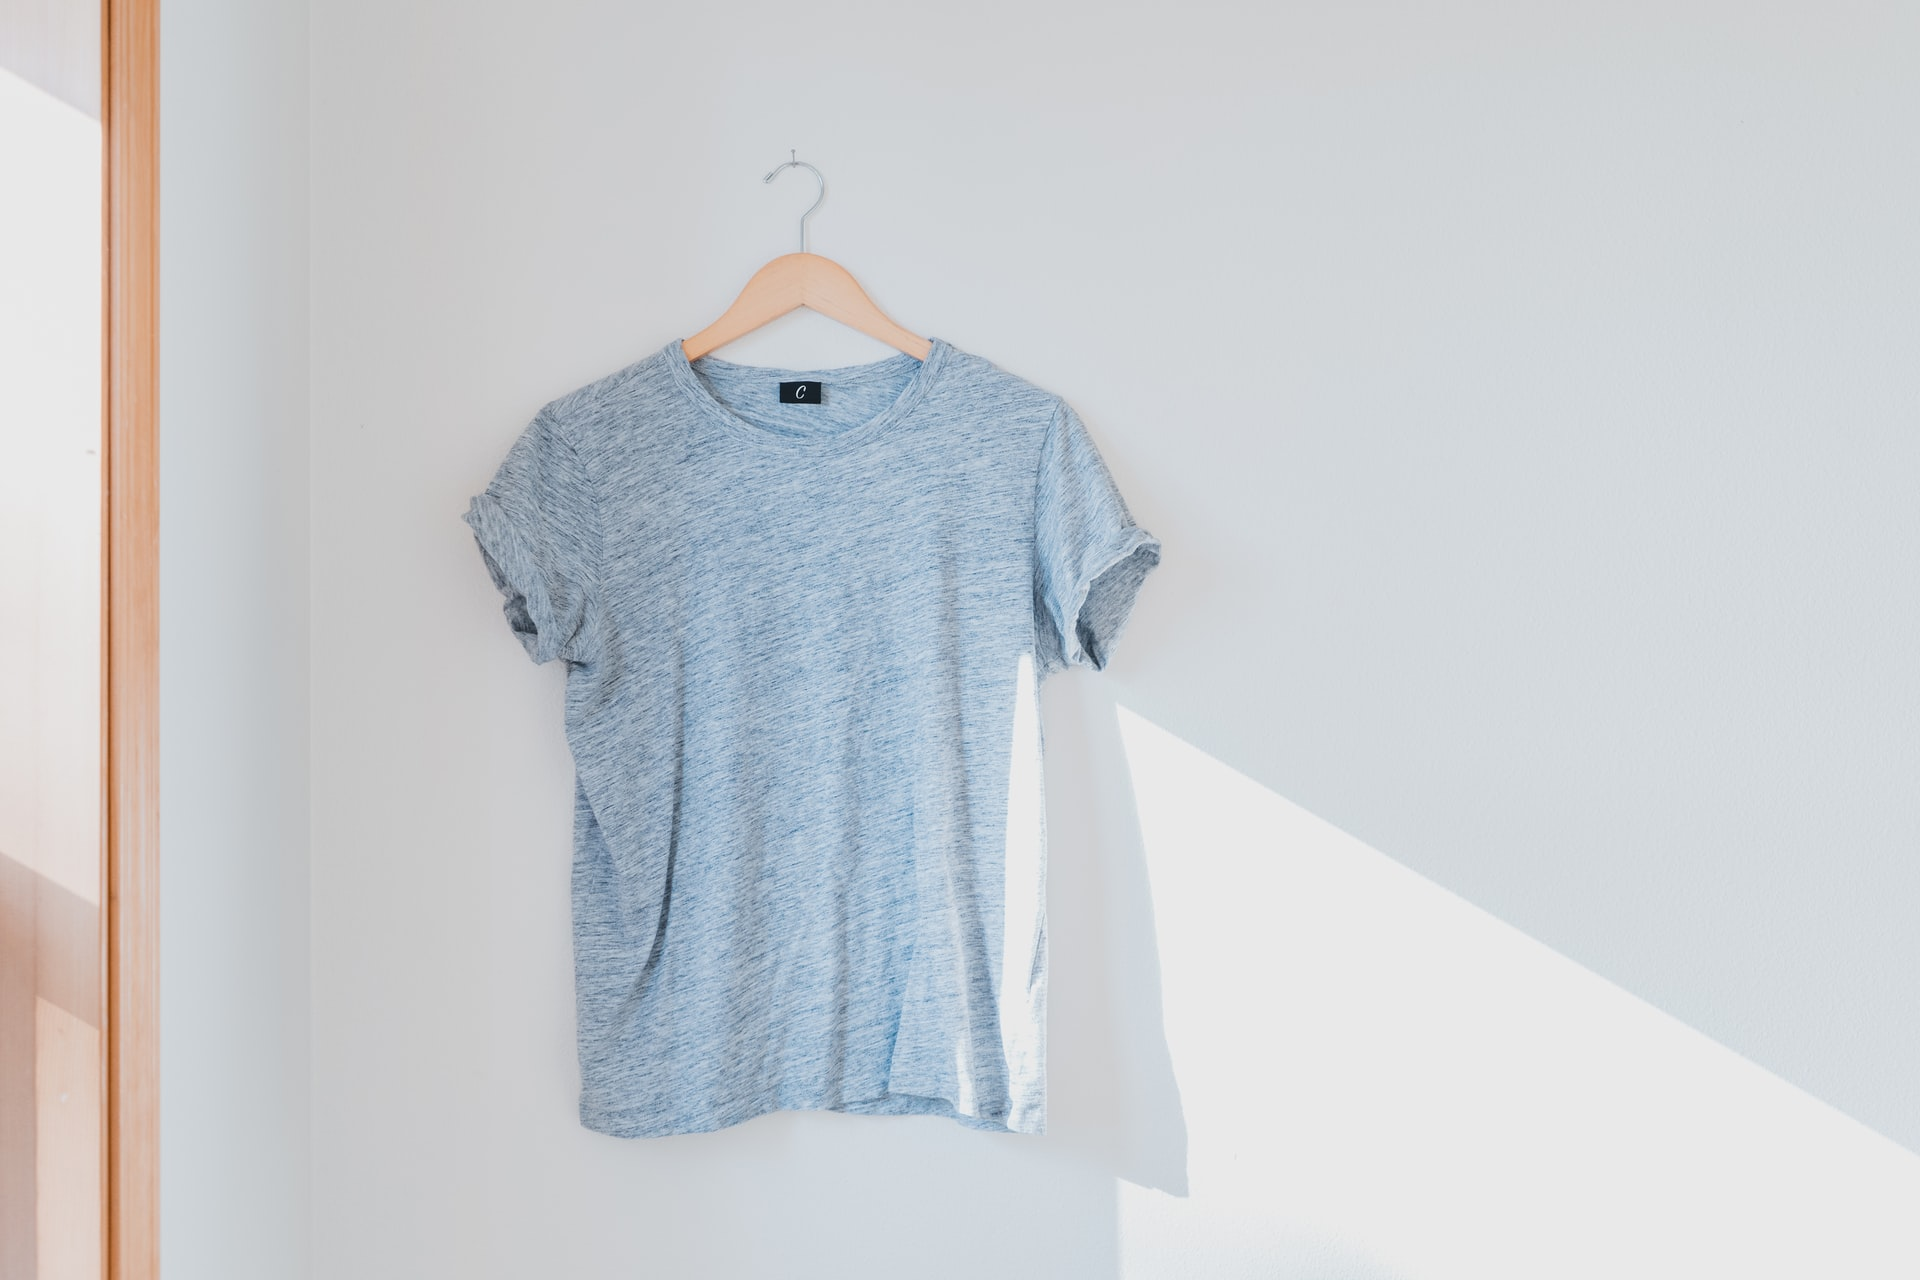 cabide com tshirt cinzenta pendurada